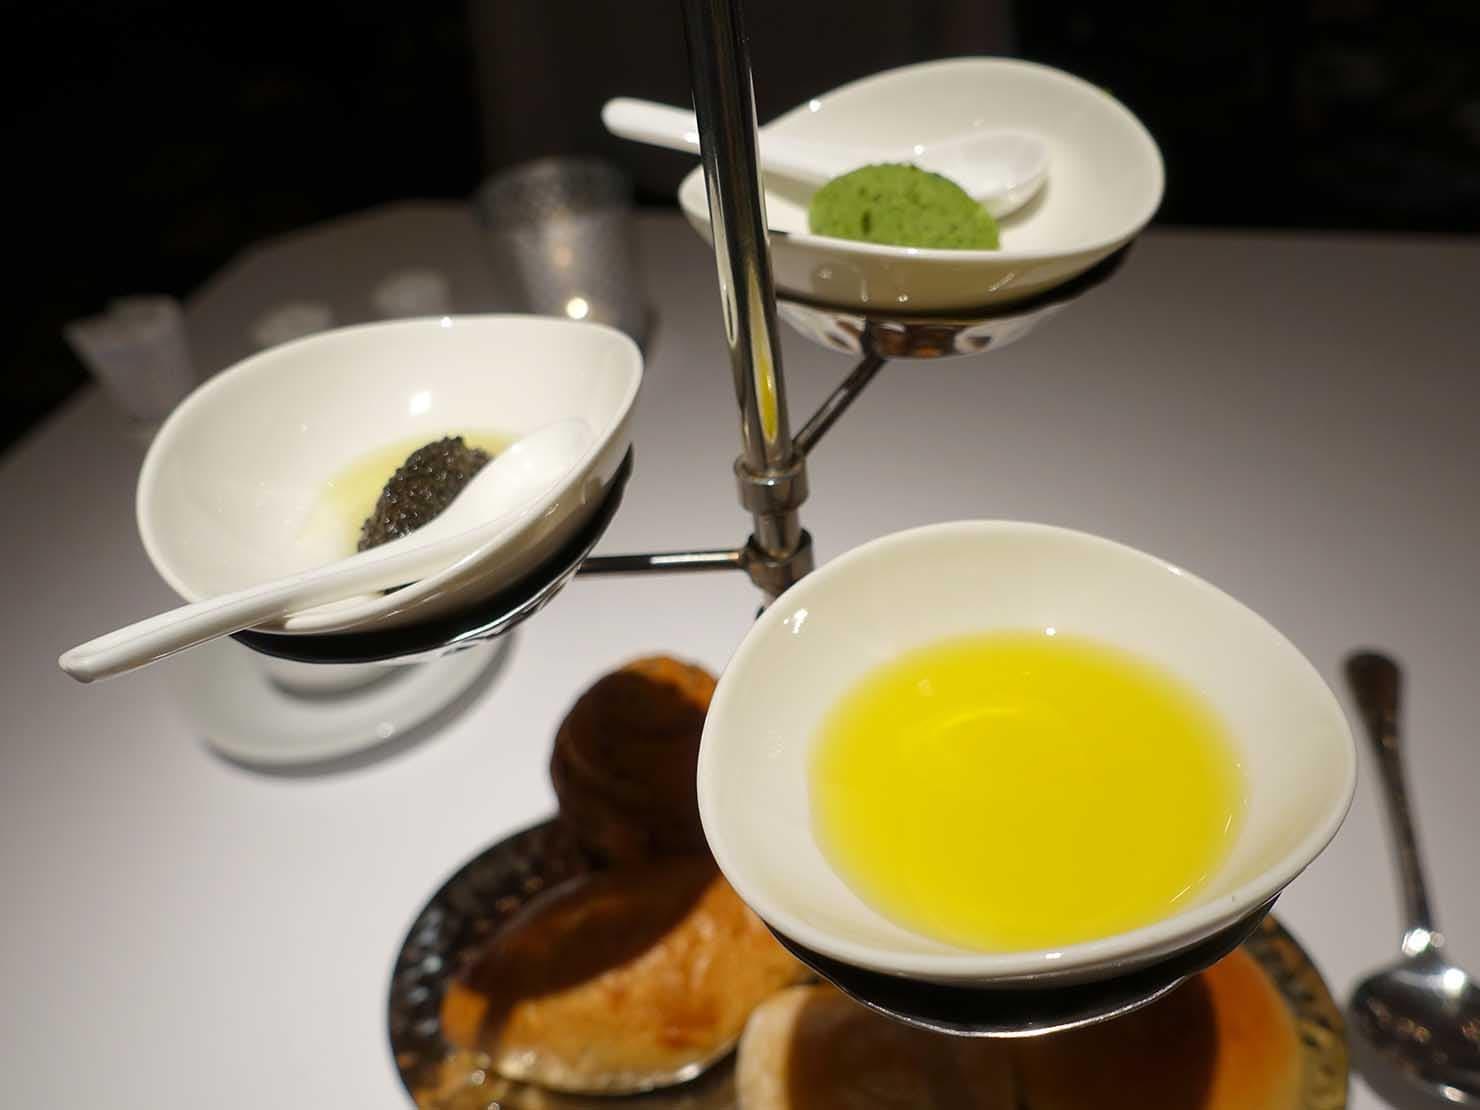 台北の4つ星ホテルにあるステーキハウス「地中海牛排館」のパンに合わせるソース類